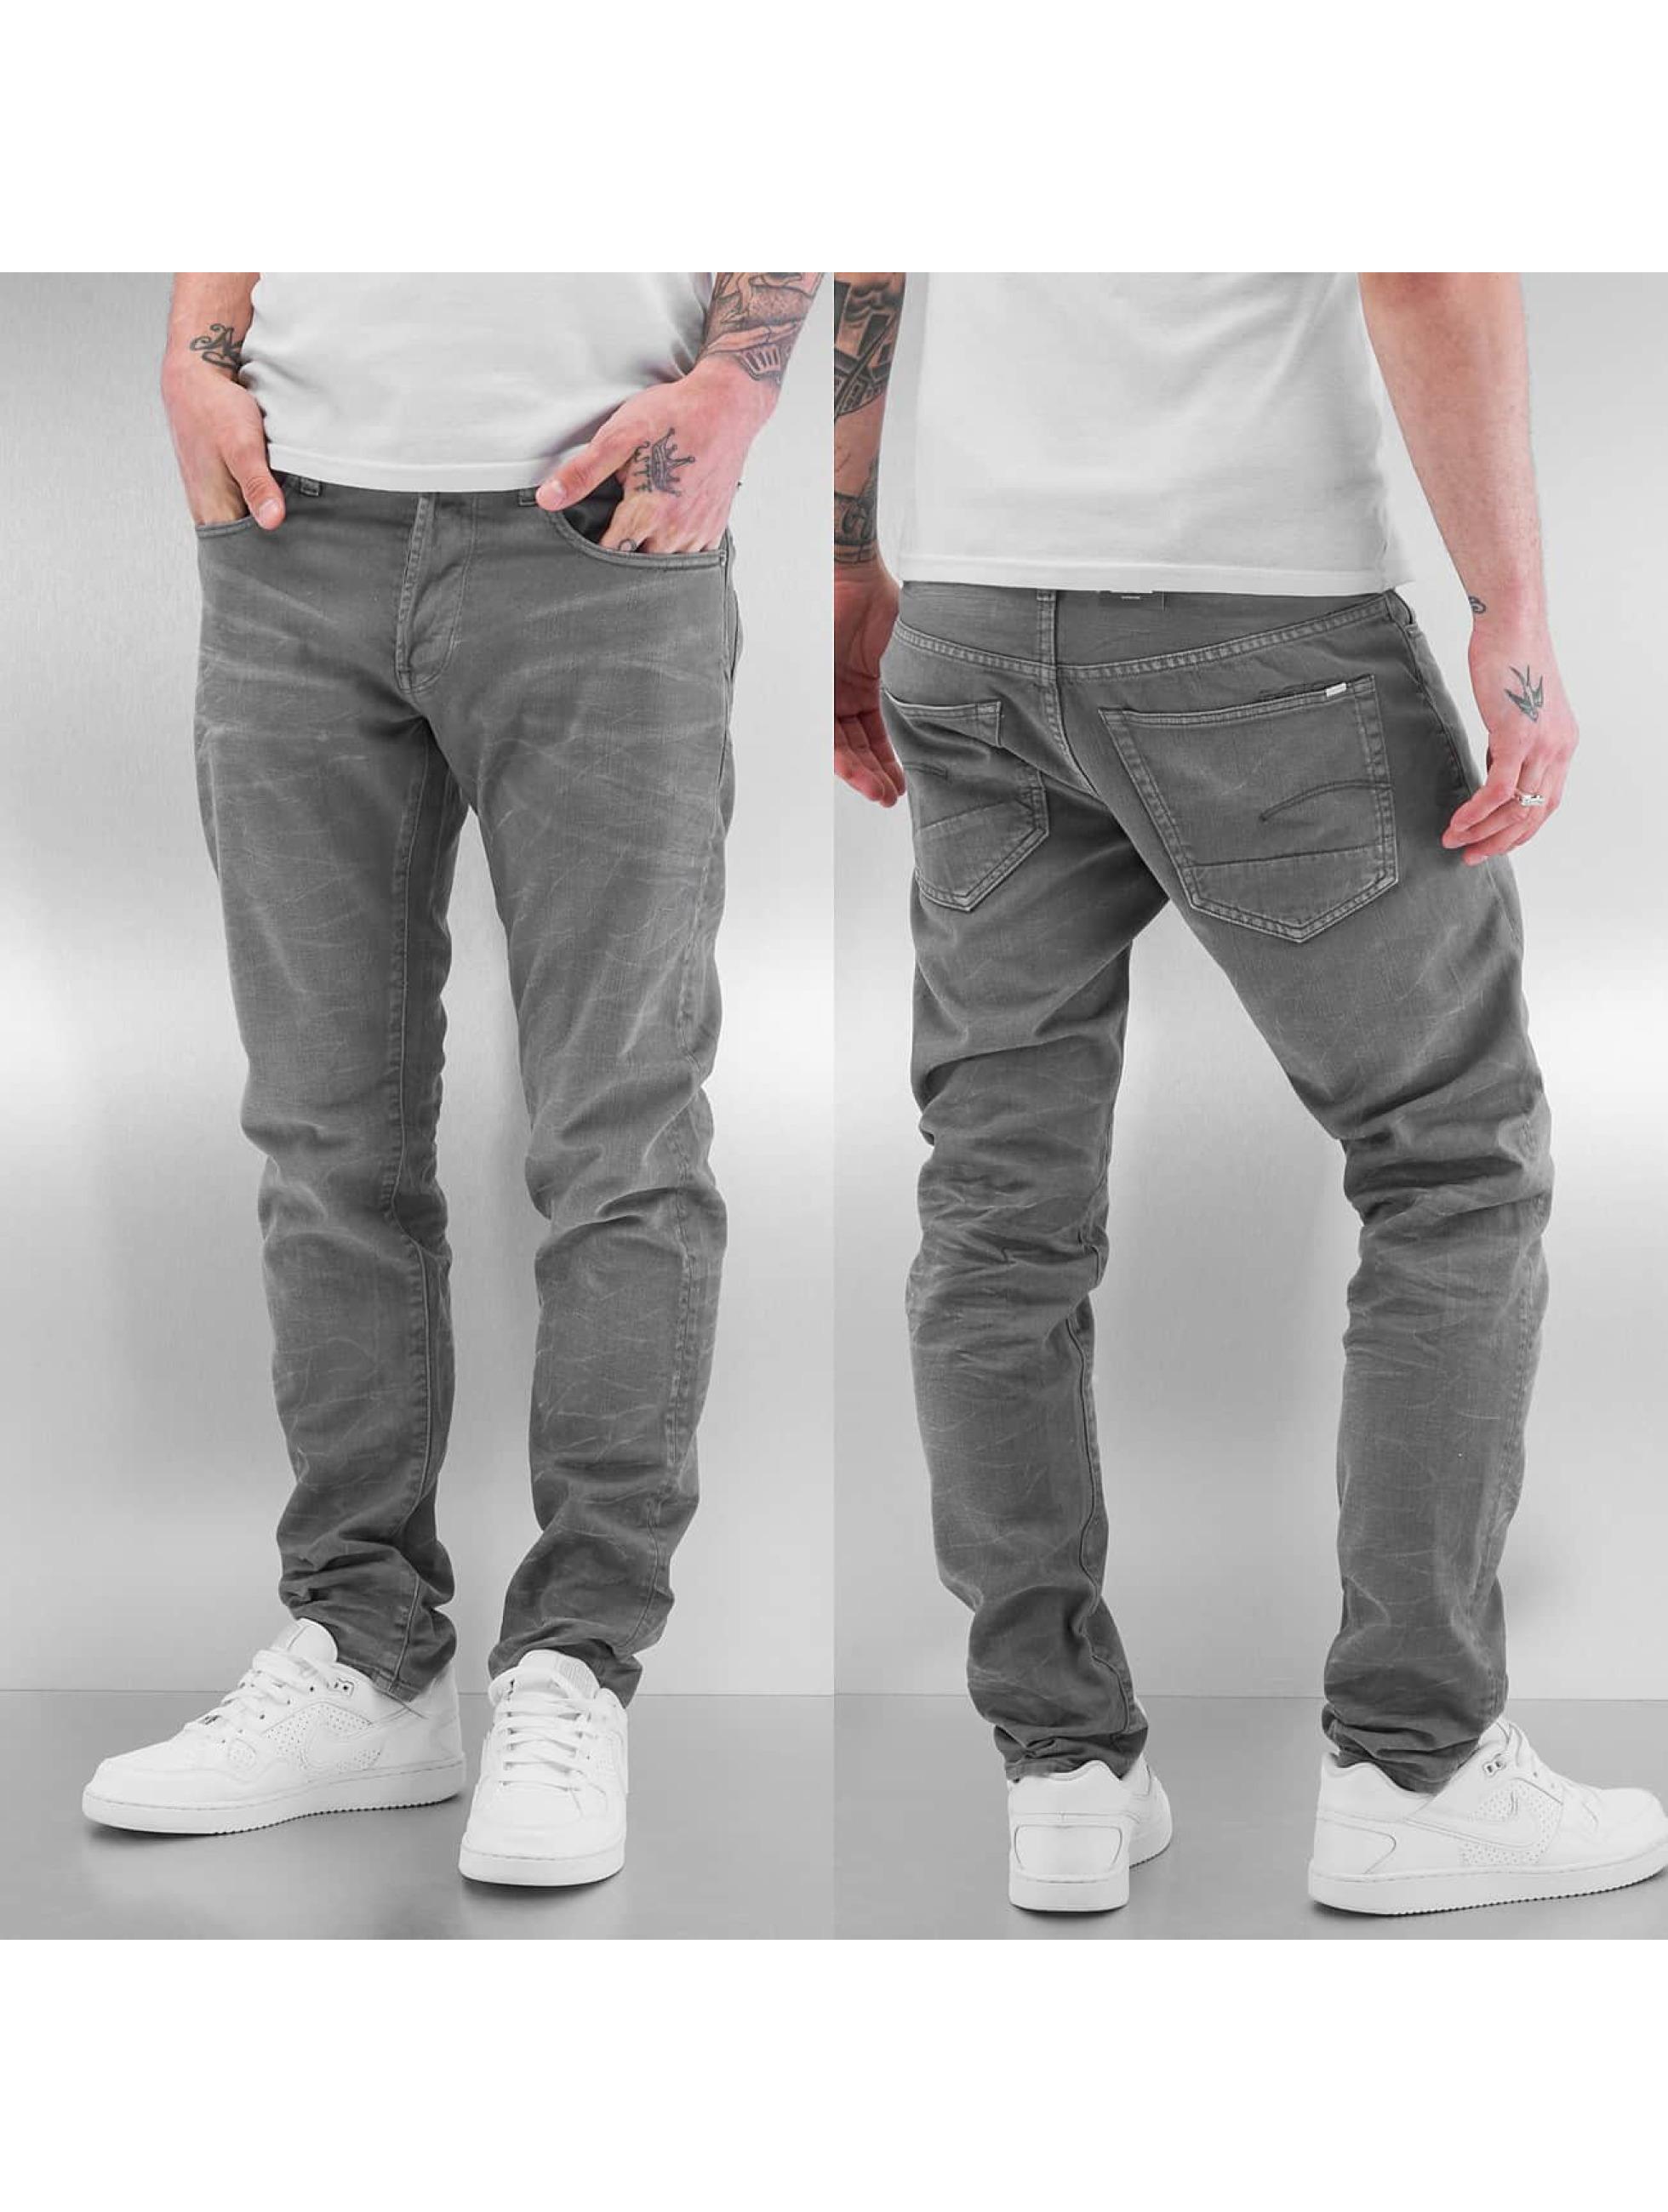 G-Star Skinny Jeans Slim Color grau